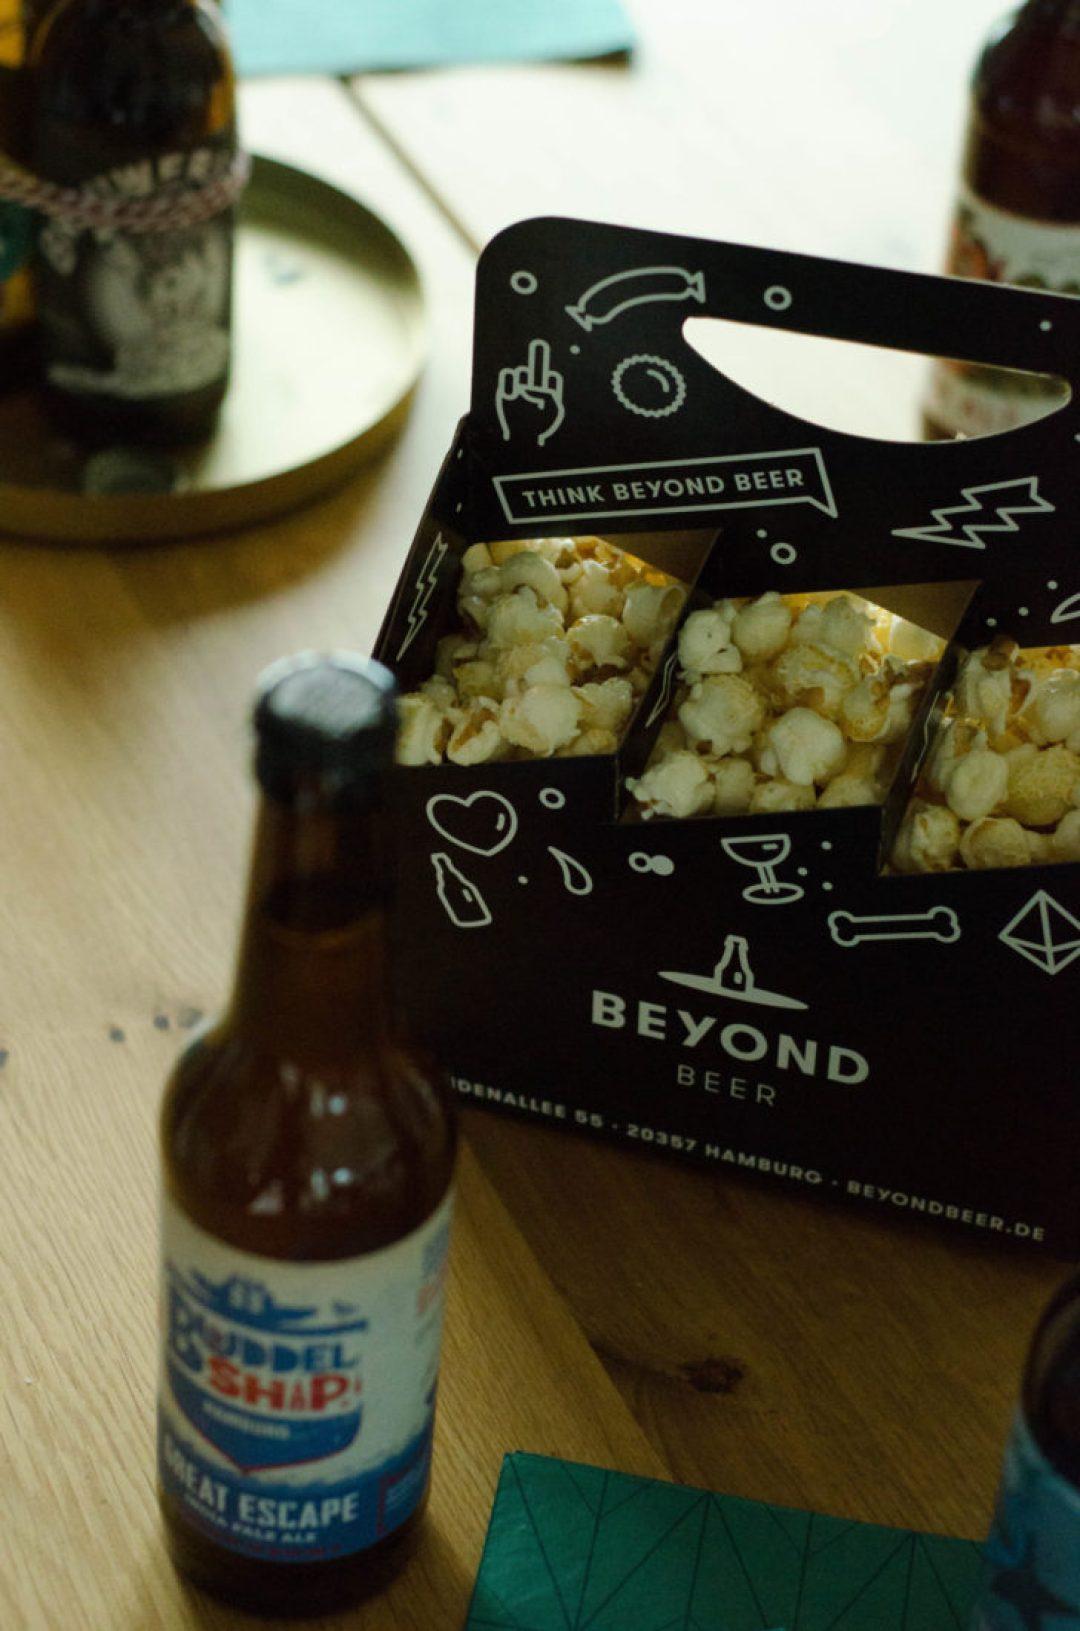 Frau Piepenkötter I Bier und Bacon für einen entspannten Abend